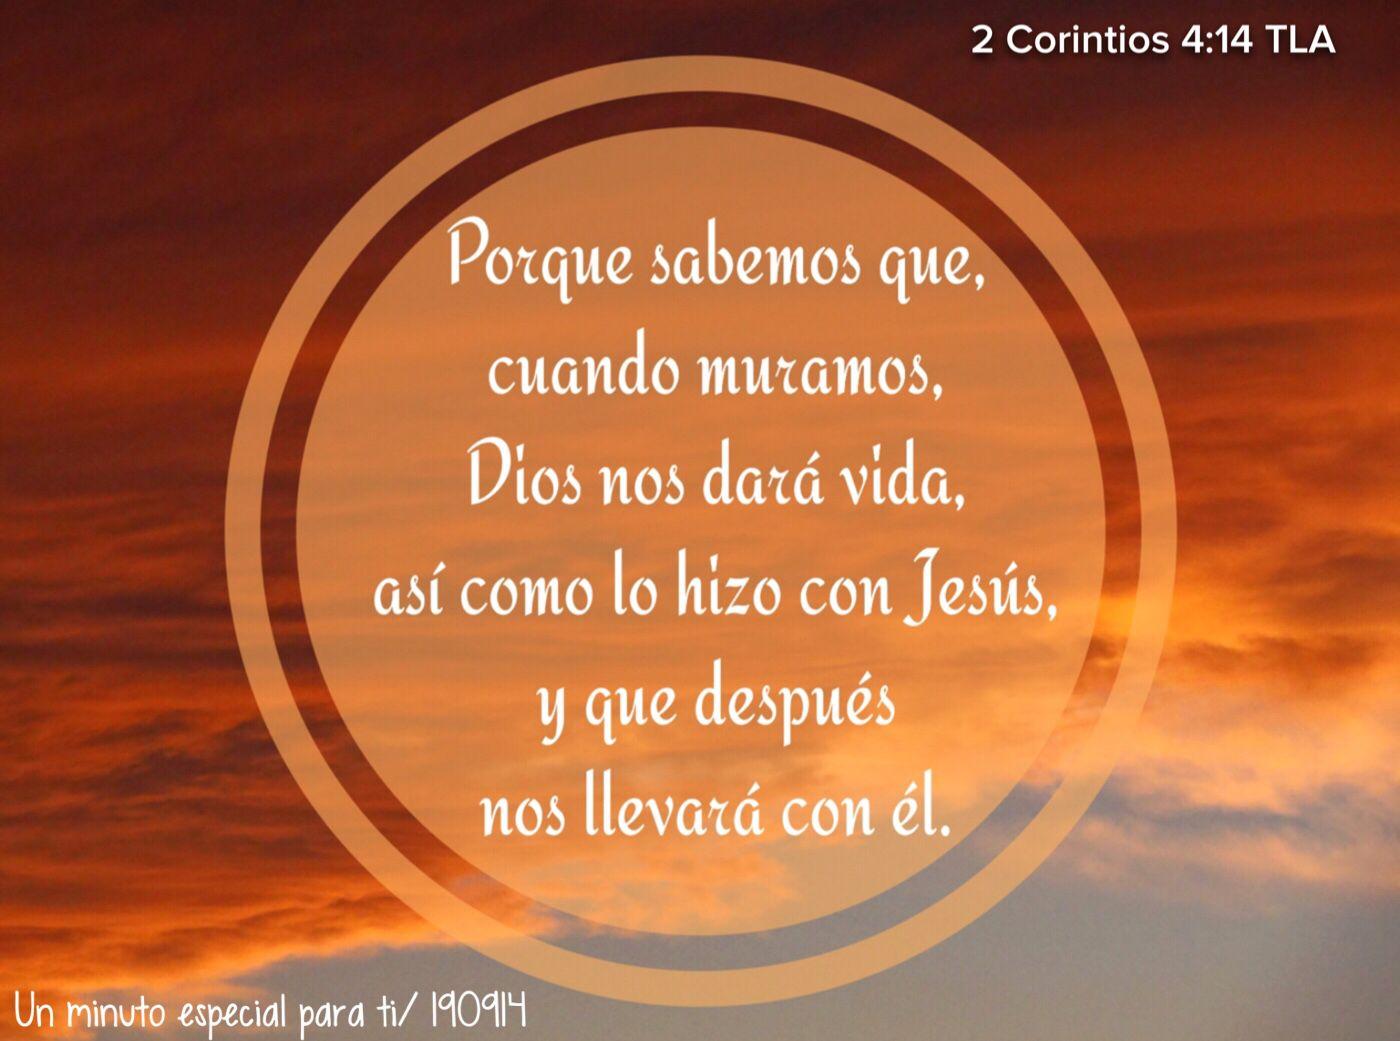 2 Corintios 4:14 TLA